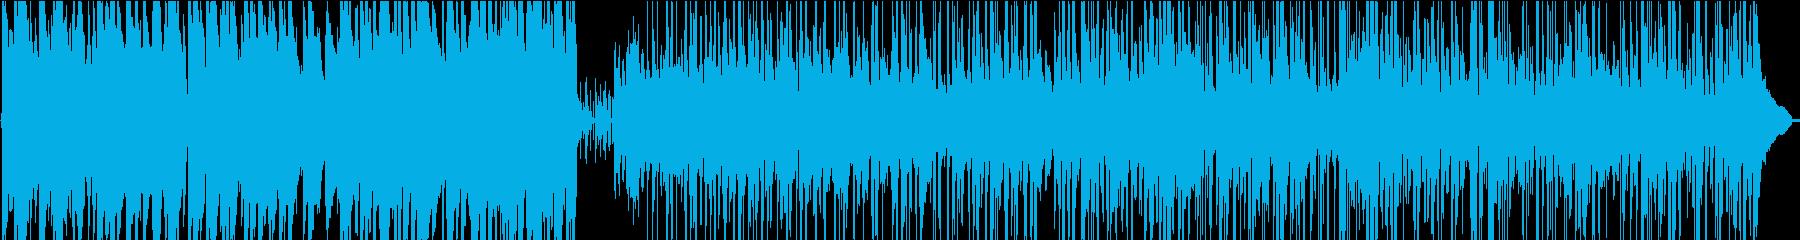 スタジオ、サークルオブフィフス、フィフスの再生済みの波形